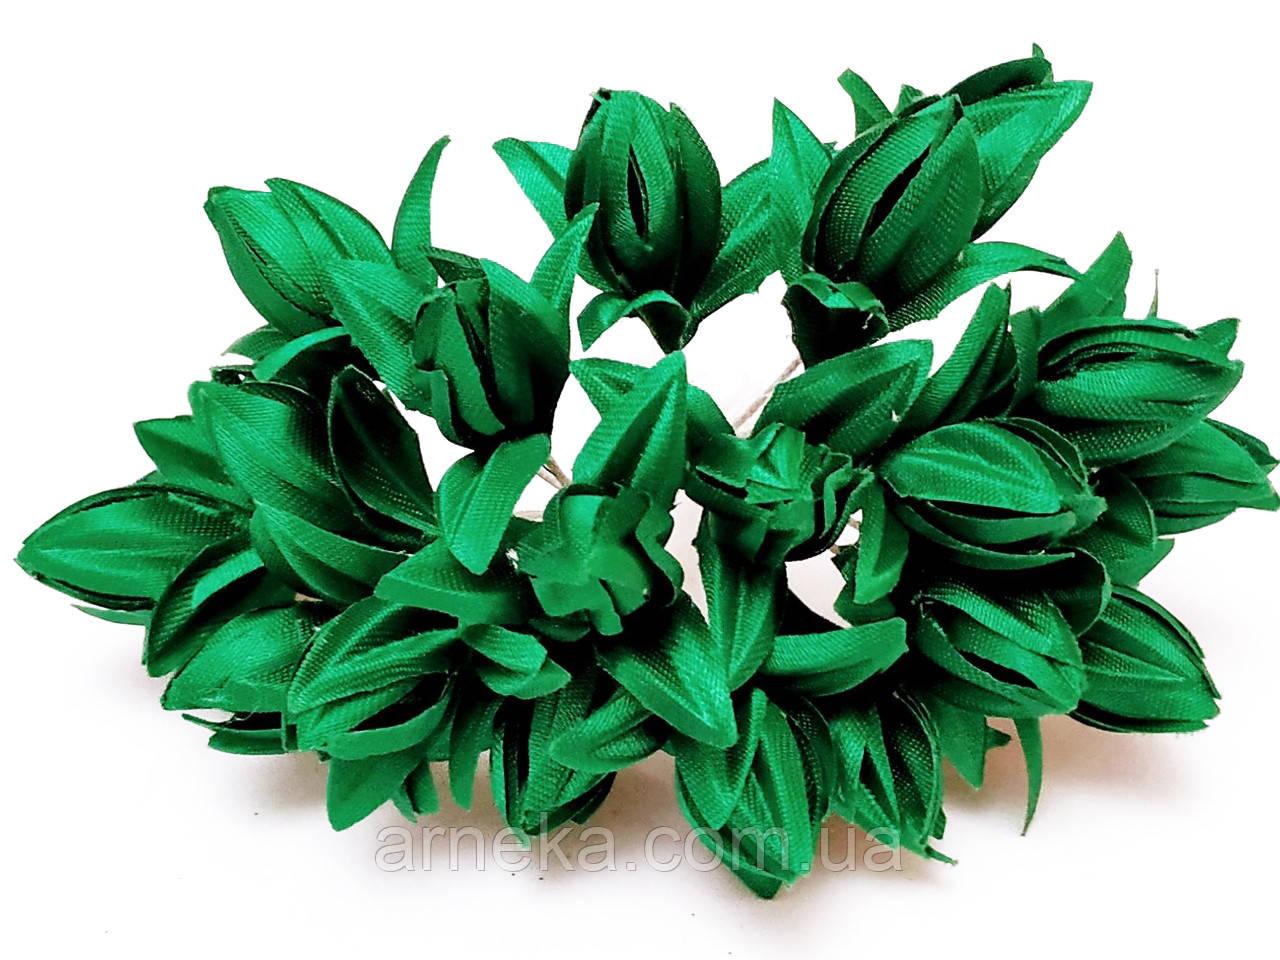 Проліски зелені